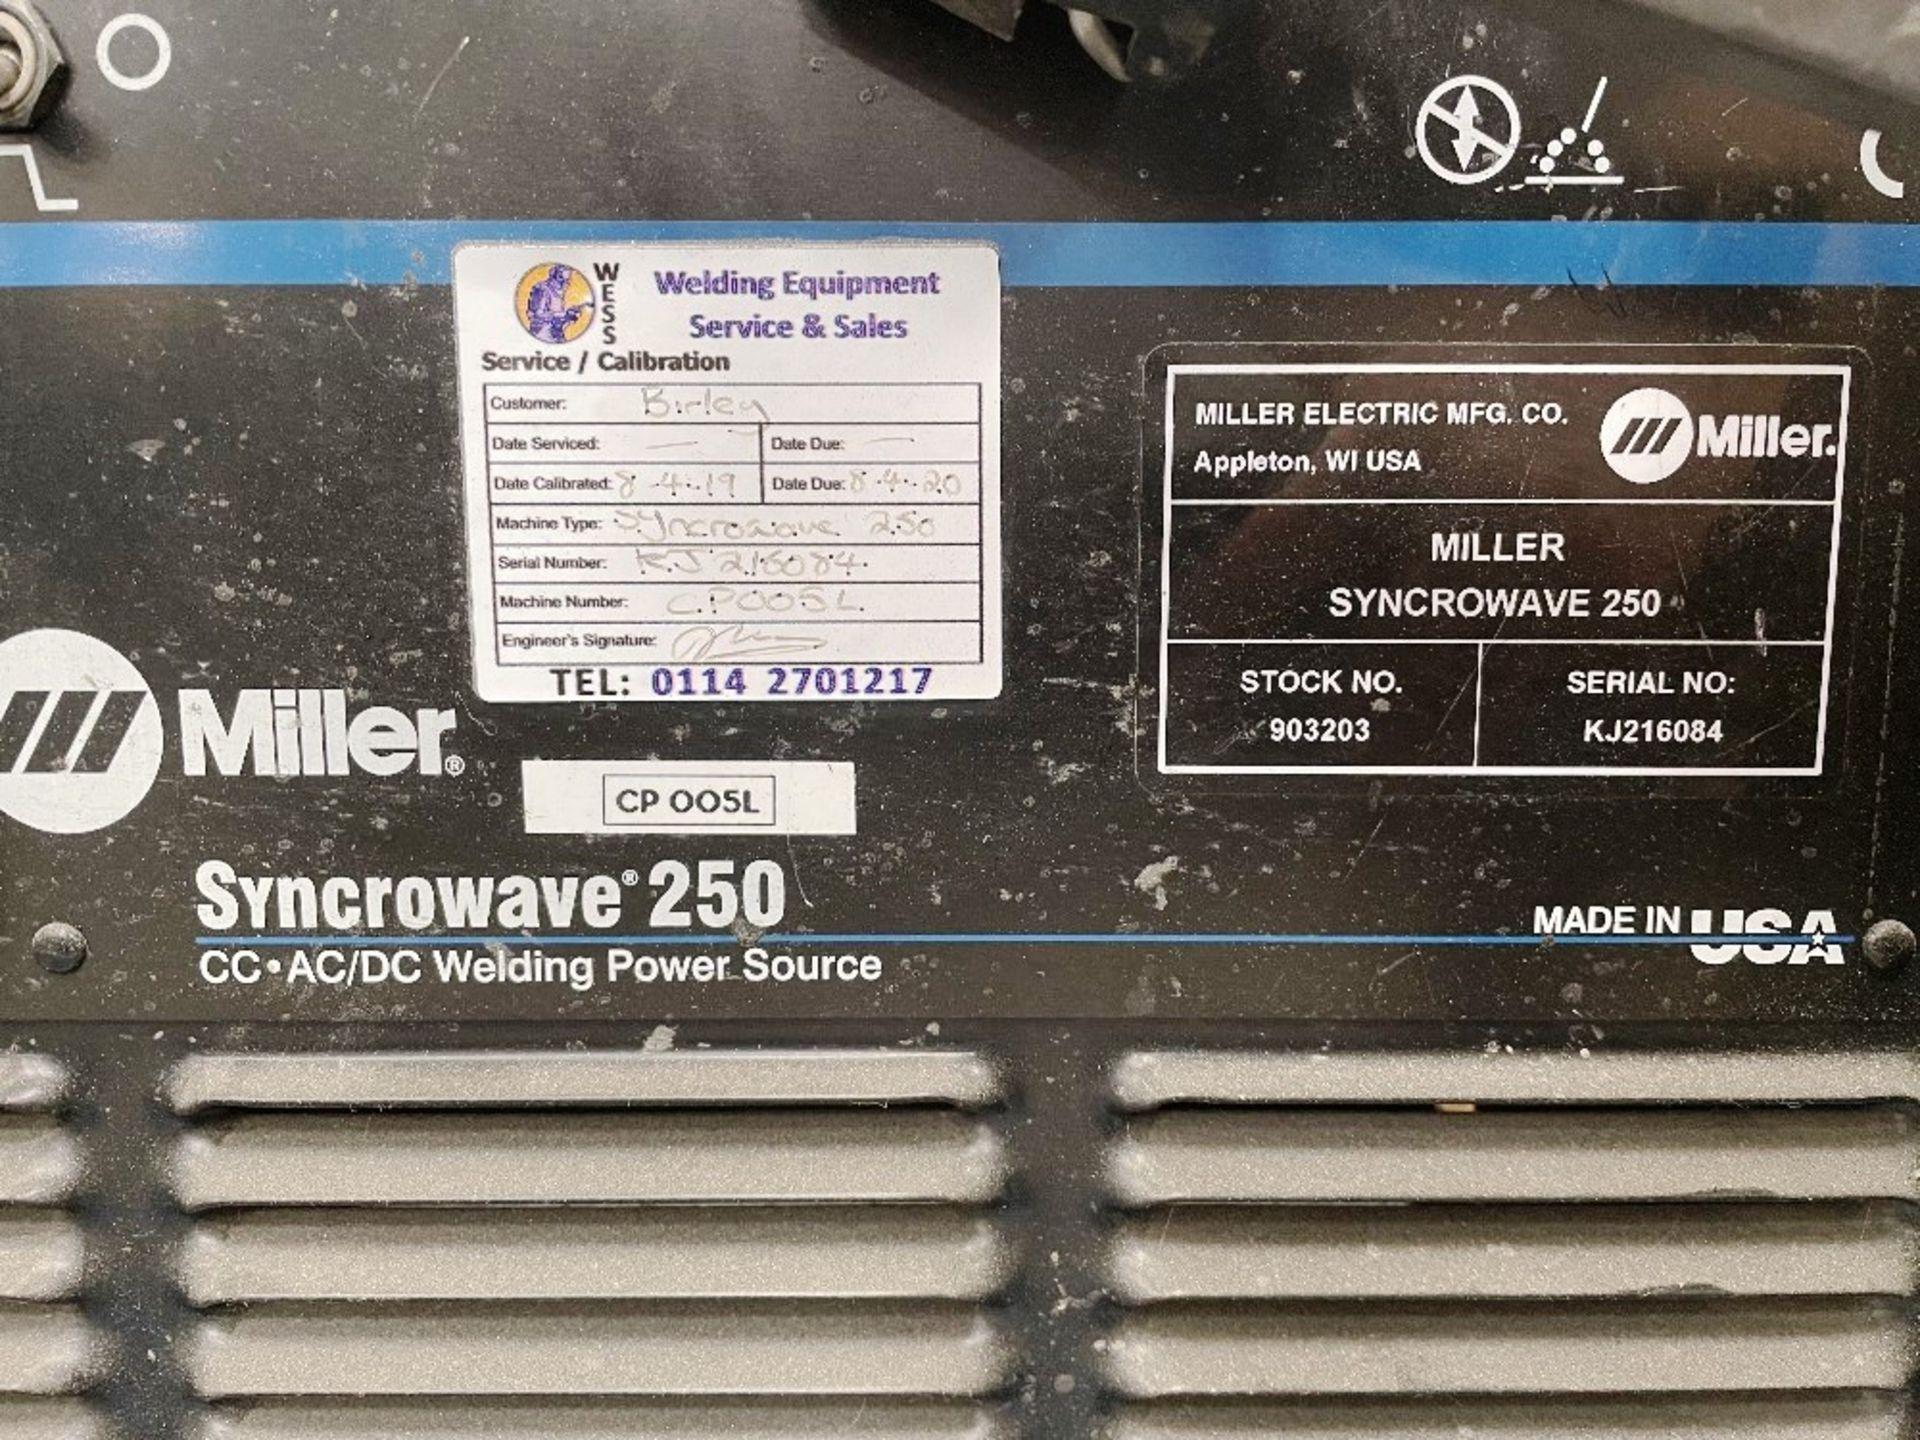 Miller Syncrowave 250 Tig Welder w/ Miller Water Cooler - Image 2 of 5